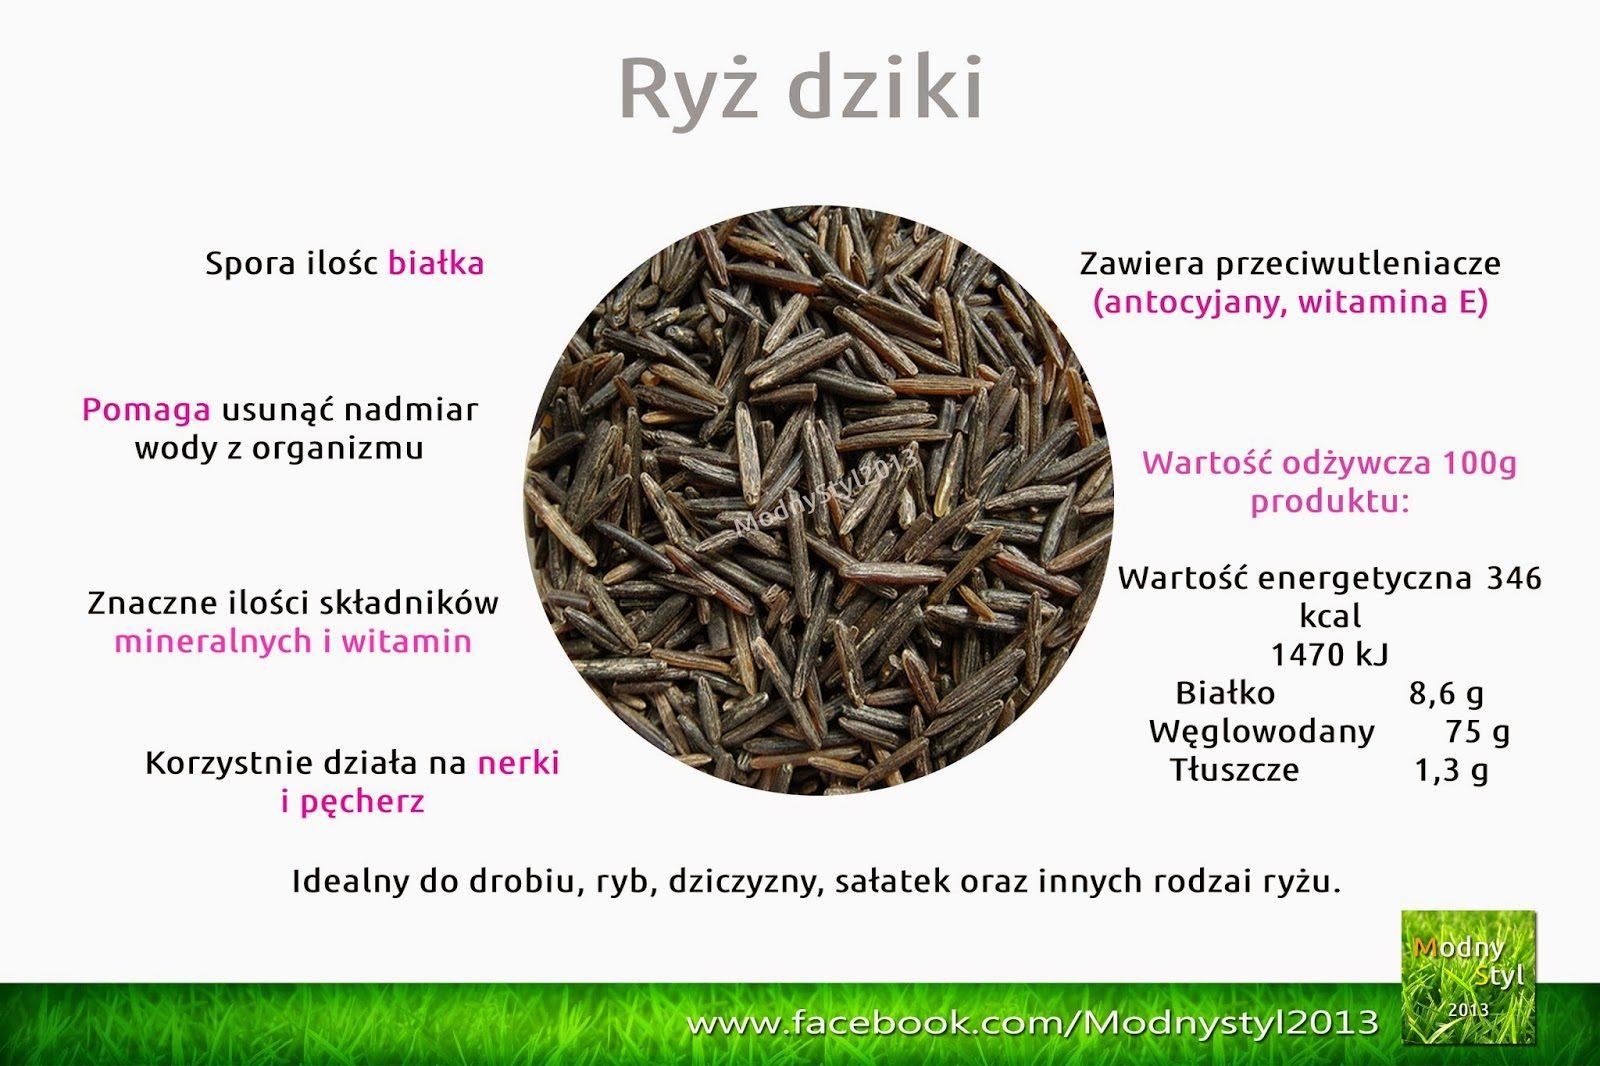 ryc5bc2bdziki-2007274